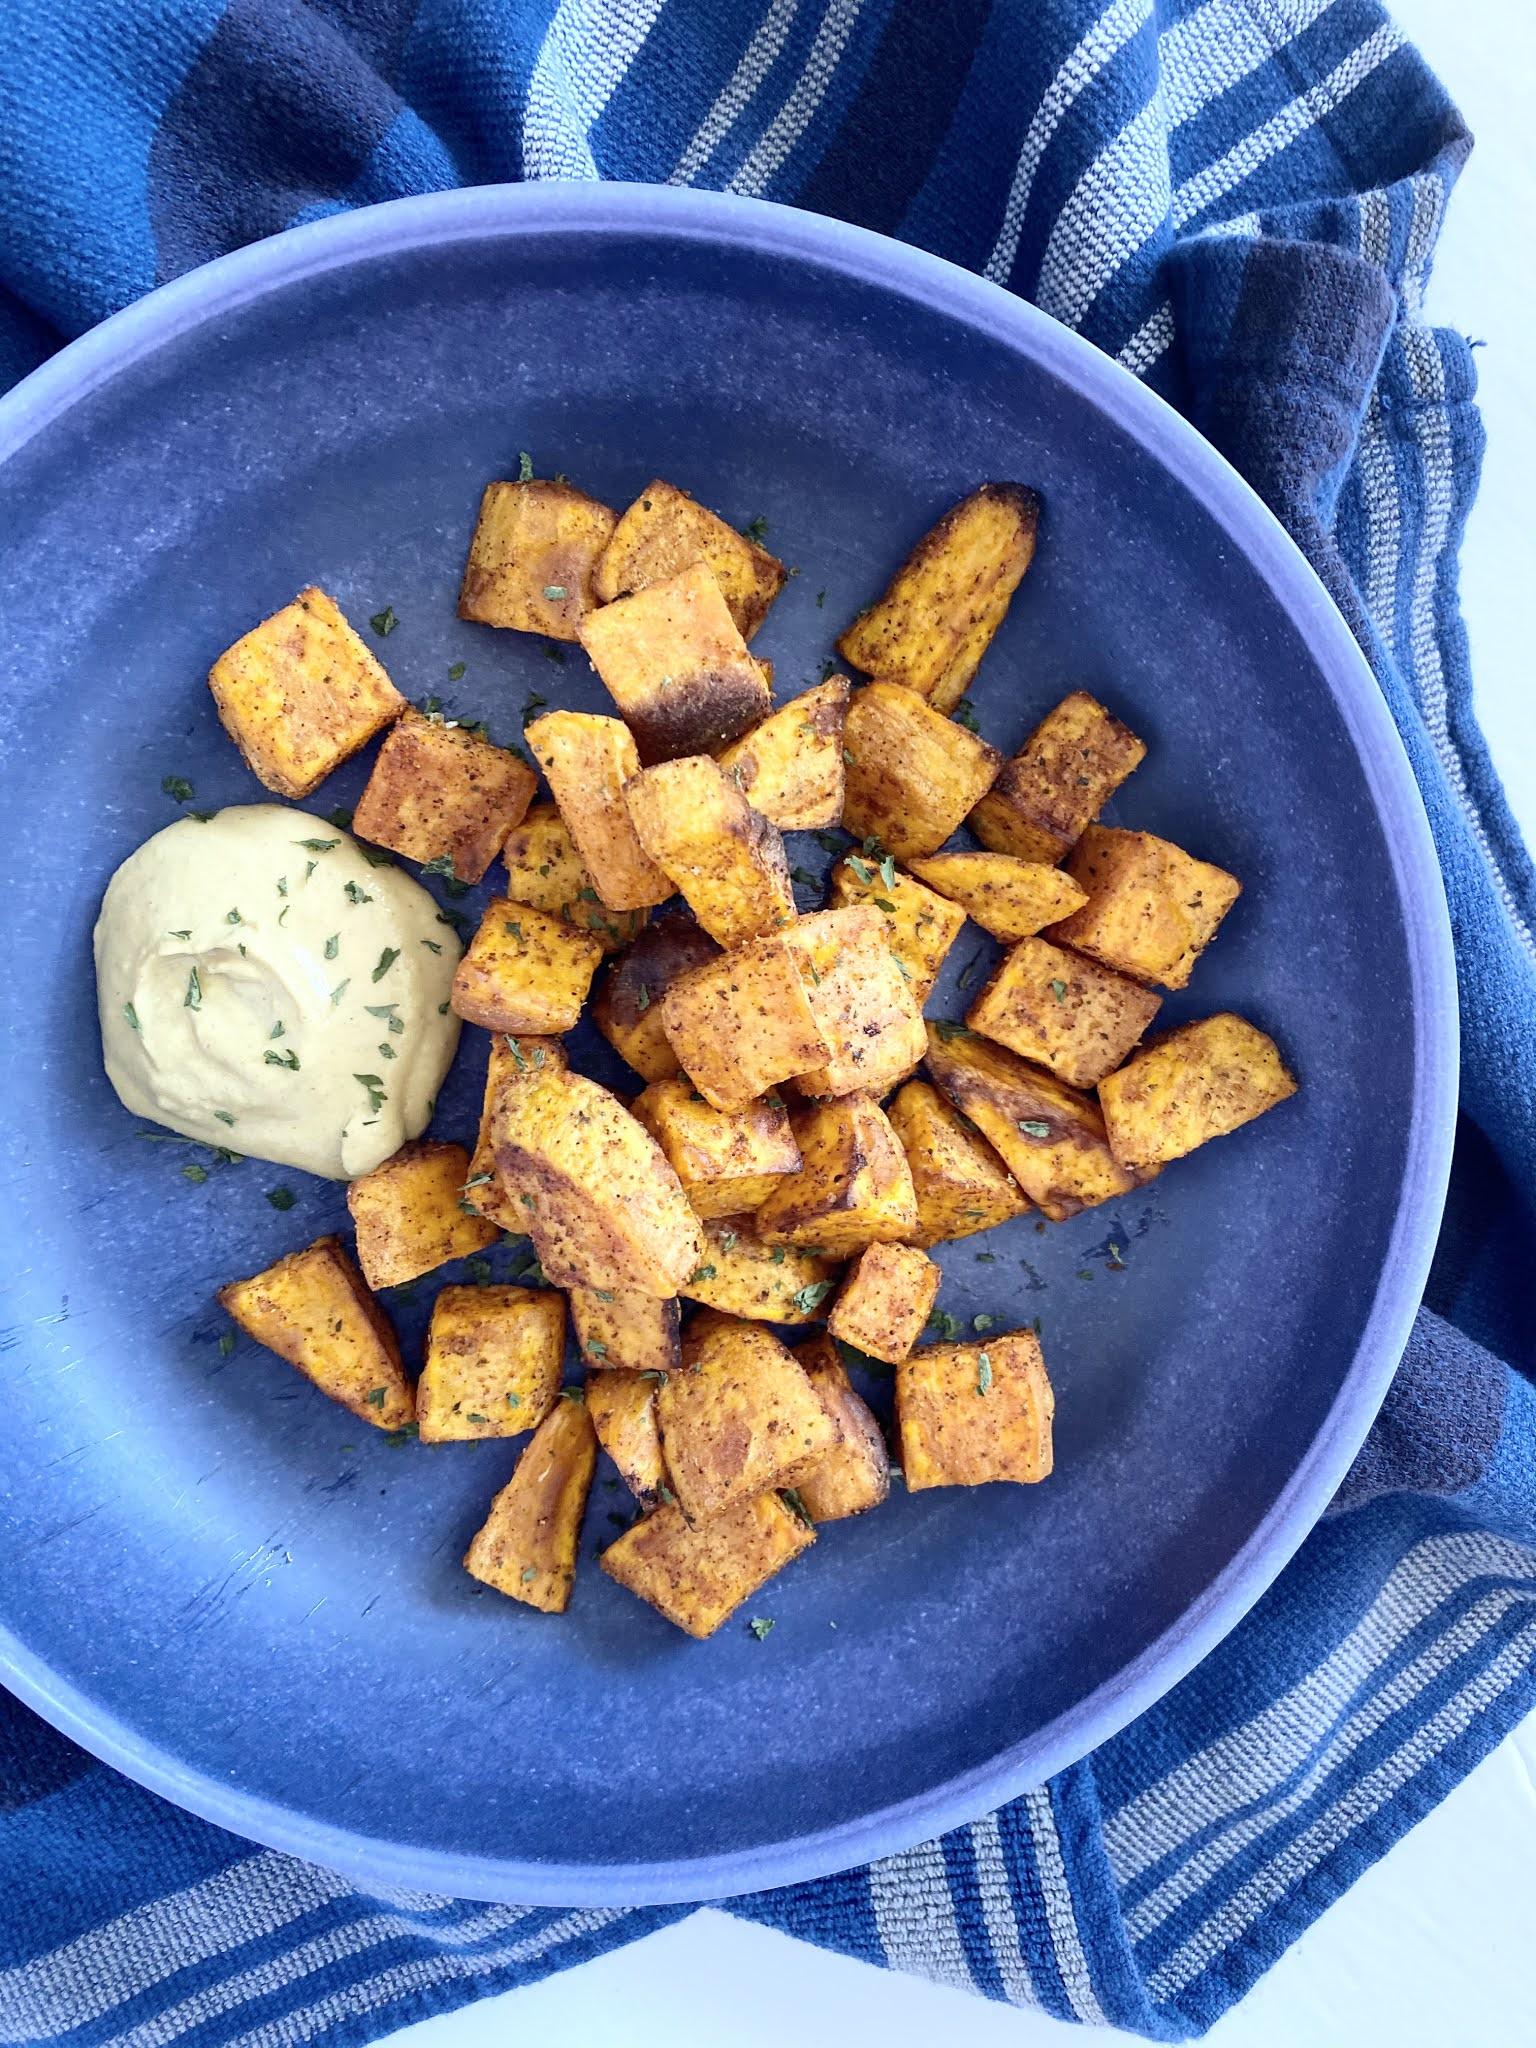 Sweet & Spicy Air Fryer Sweet Potatoes